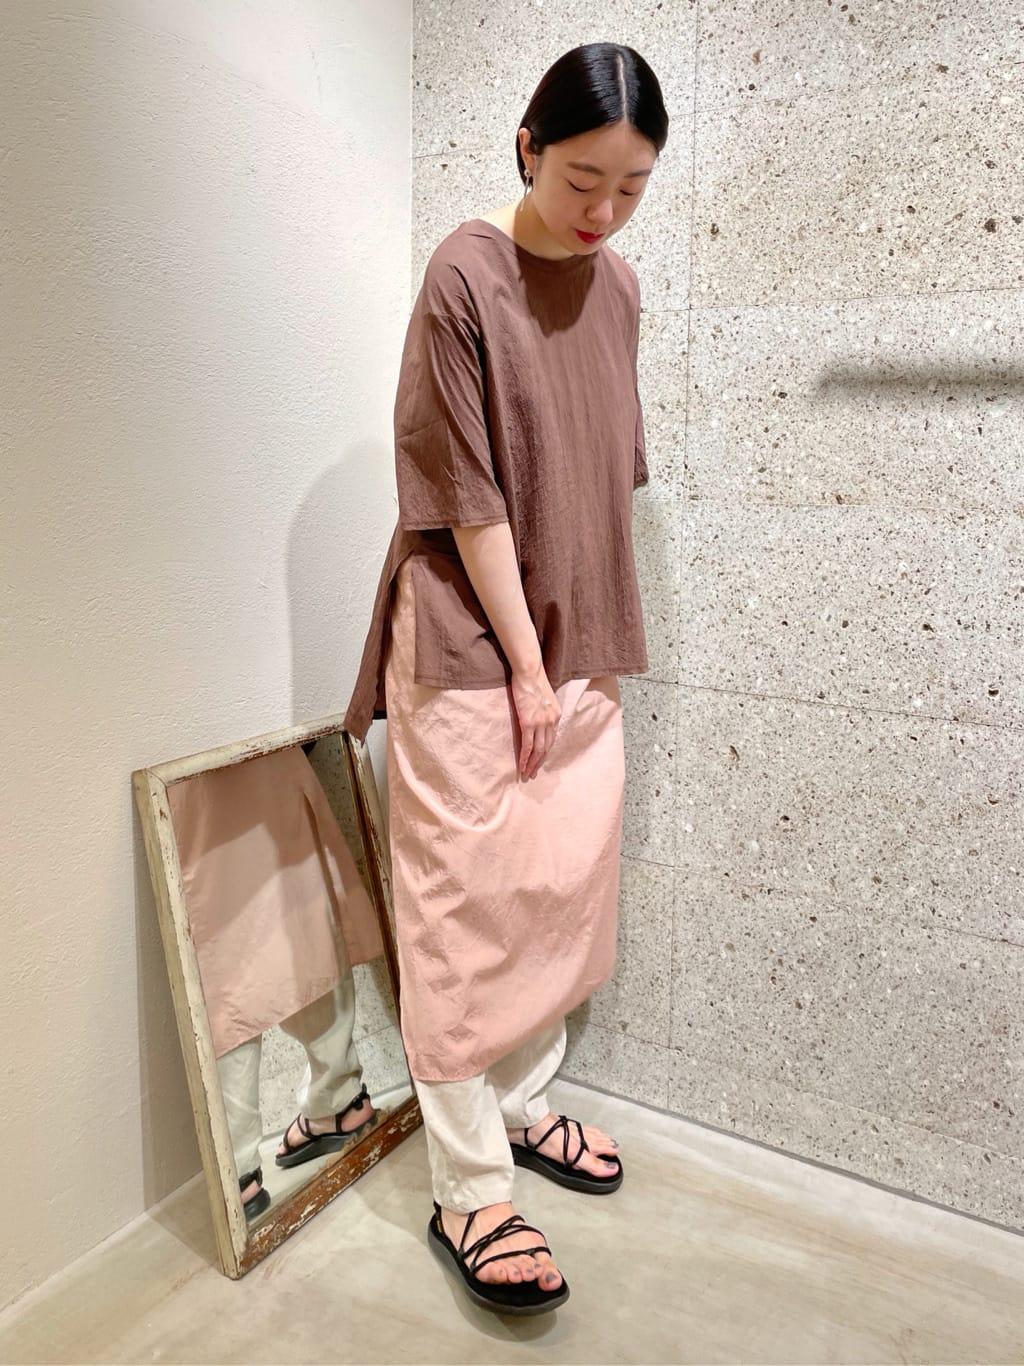 yuni ニュウマン横浜 身長:166cm 2021.07.16